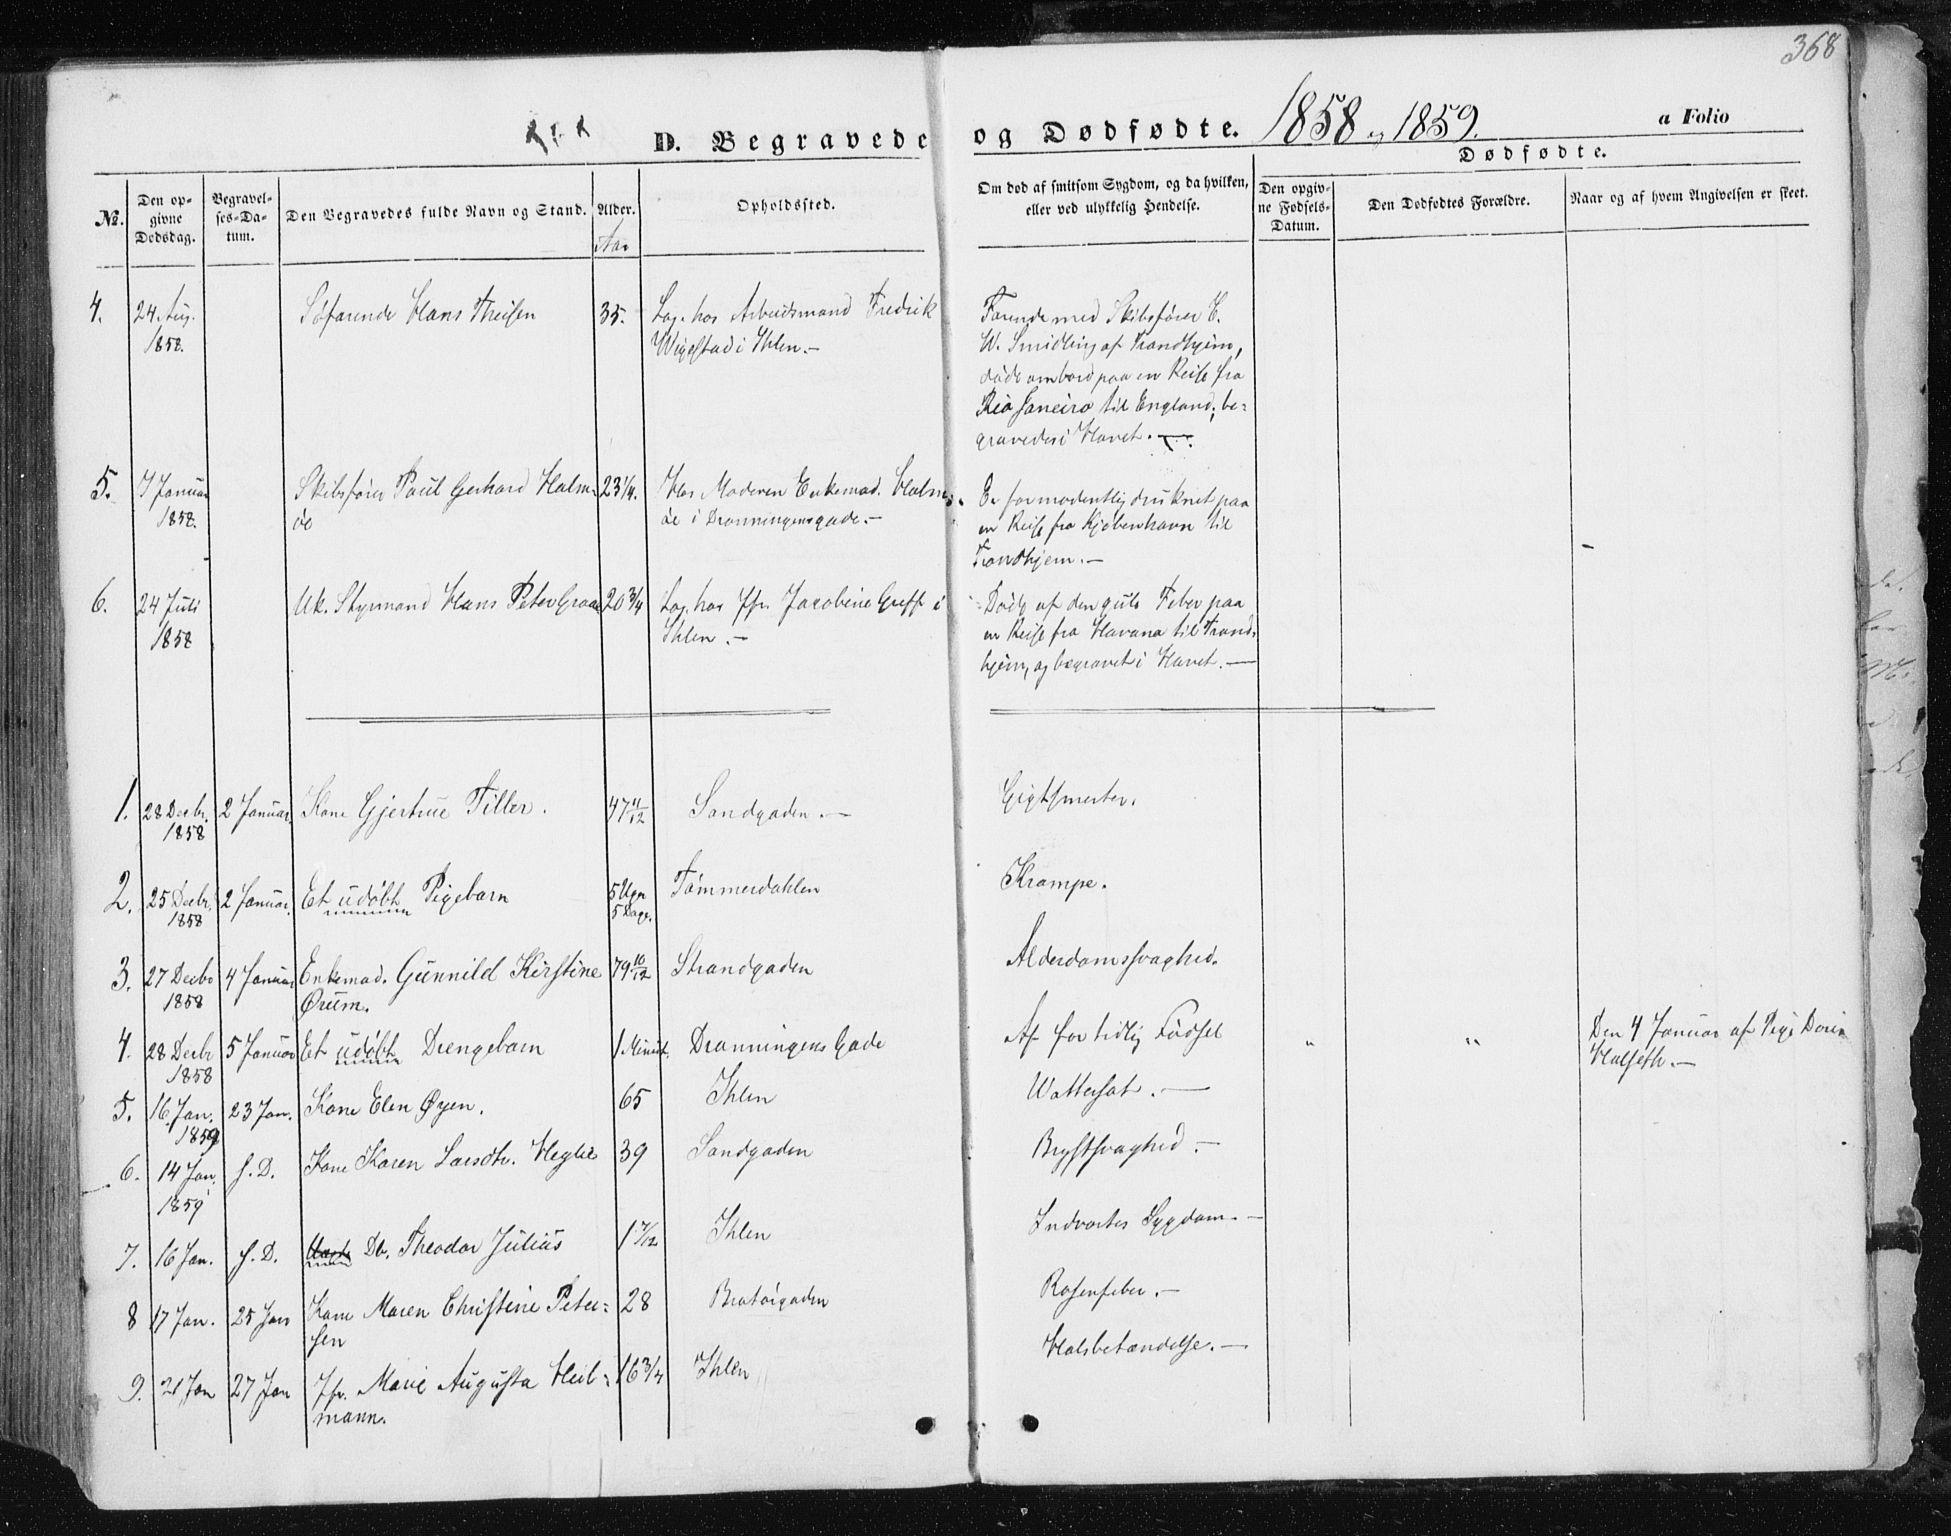 SAT, Ministerialprotokoller, klokkerbøker og fødselsregistre - Sør-Trøndelag, 602/L0112: Ministerialbok nr. 602A10, 1848-1859, s. 368